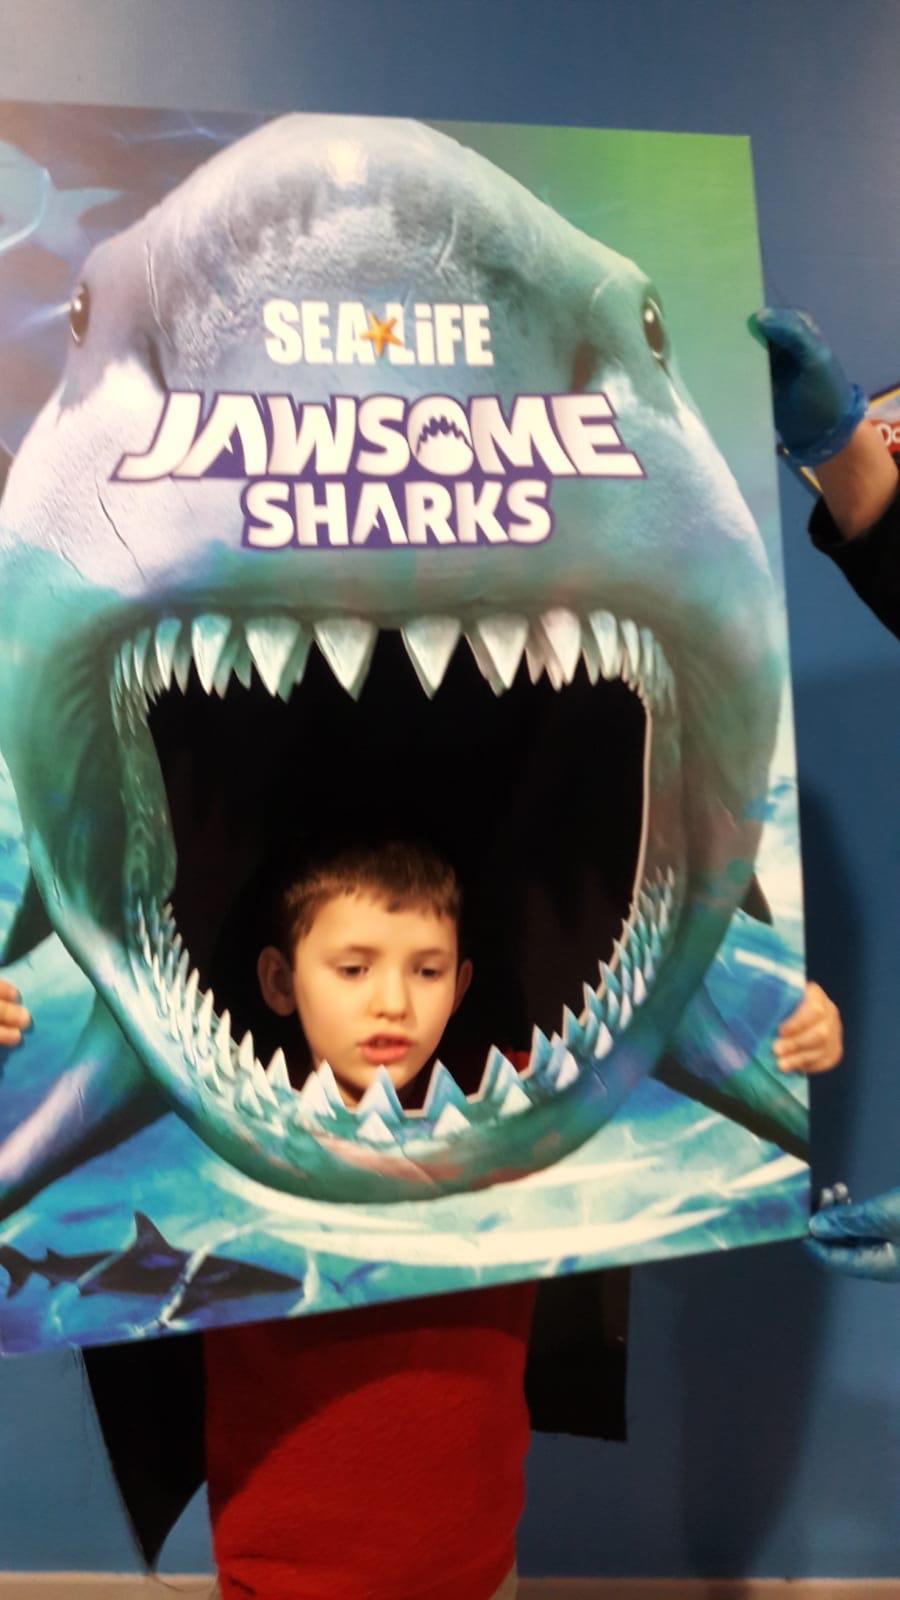 hasbro play-doh jawsome sharks sea life centre